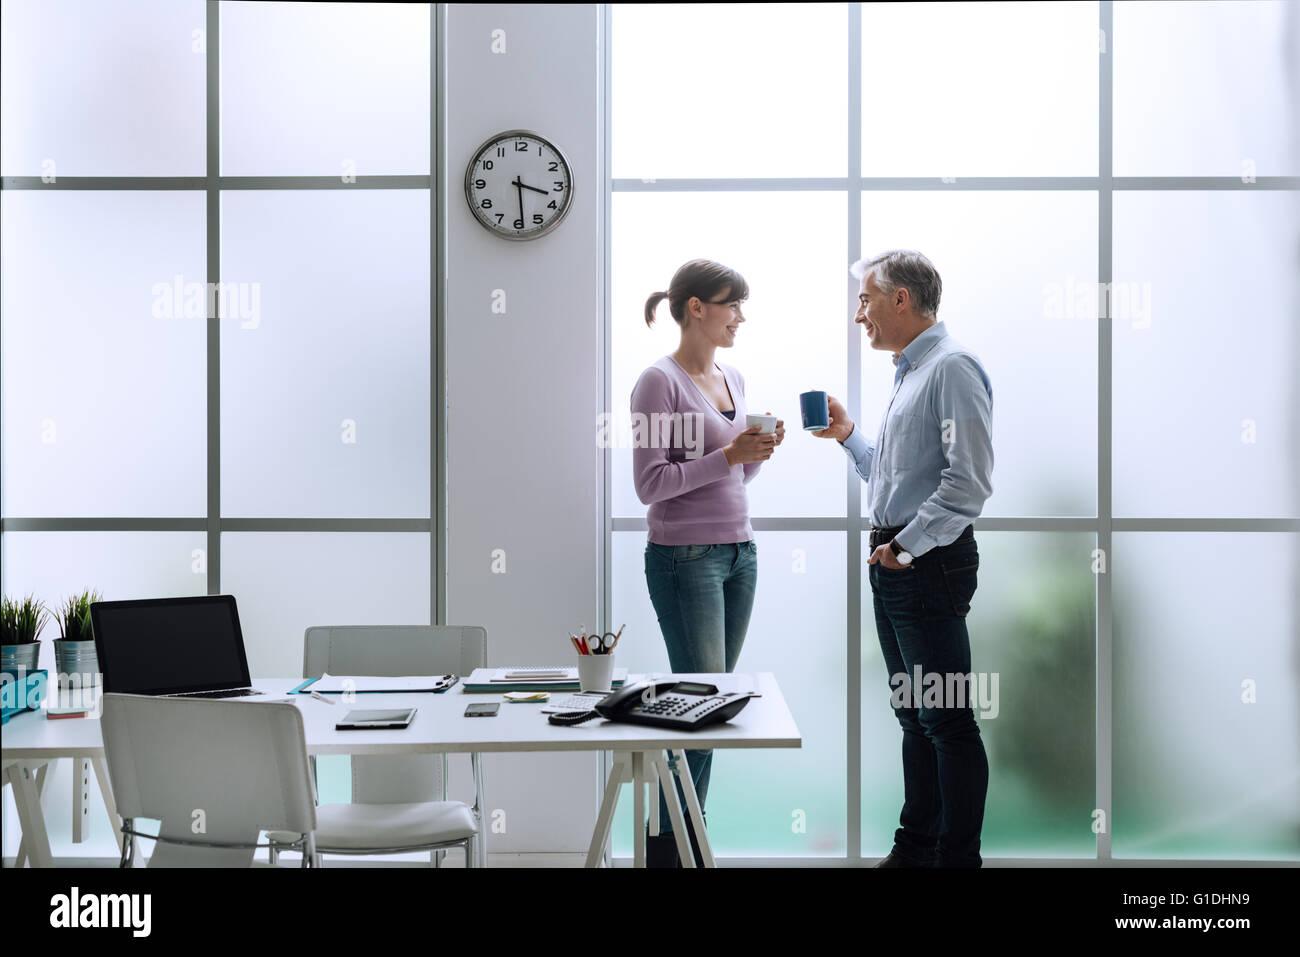 Alegre, trabajadores de oficina en la oficina, relajarse con un café y charlar juntos, ellos están de Imagen De Stock